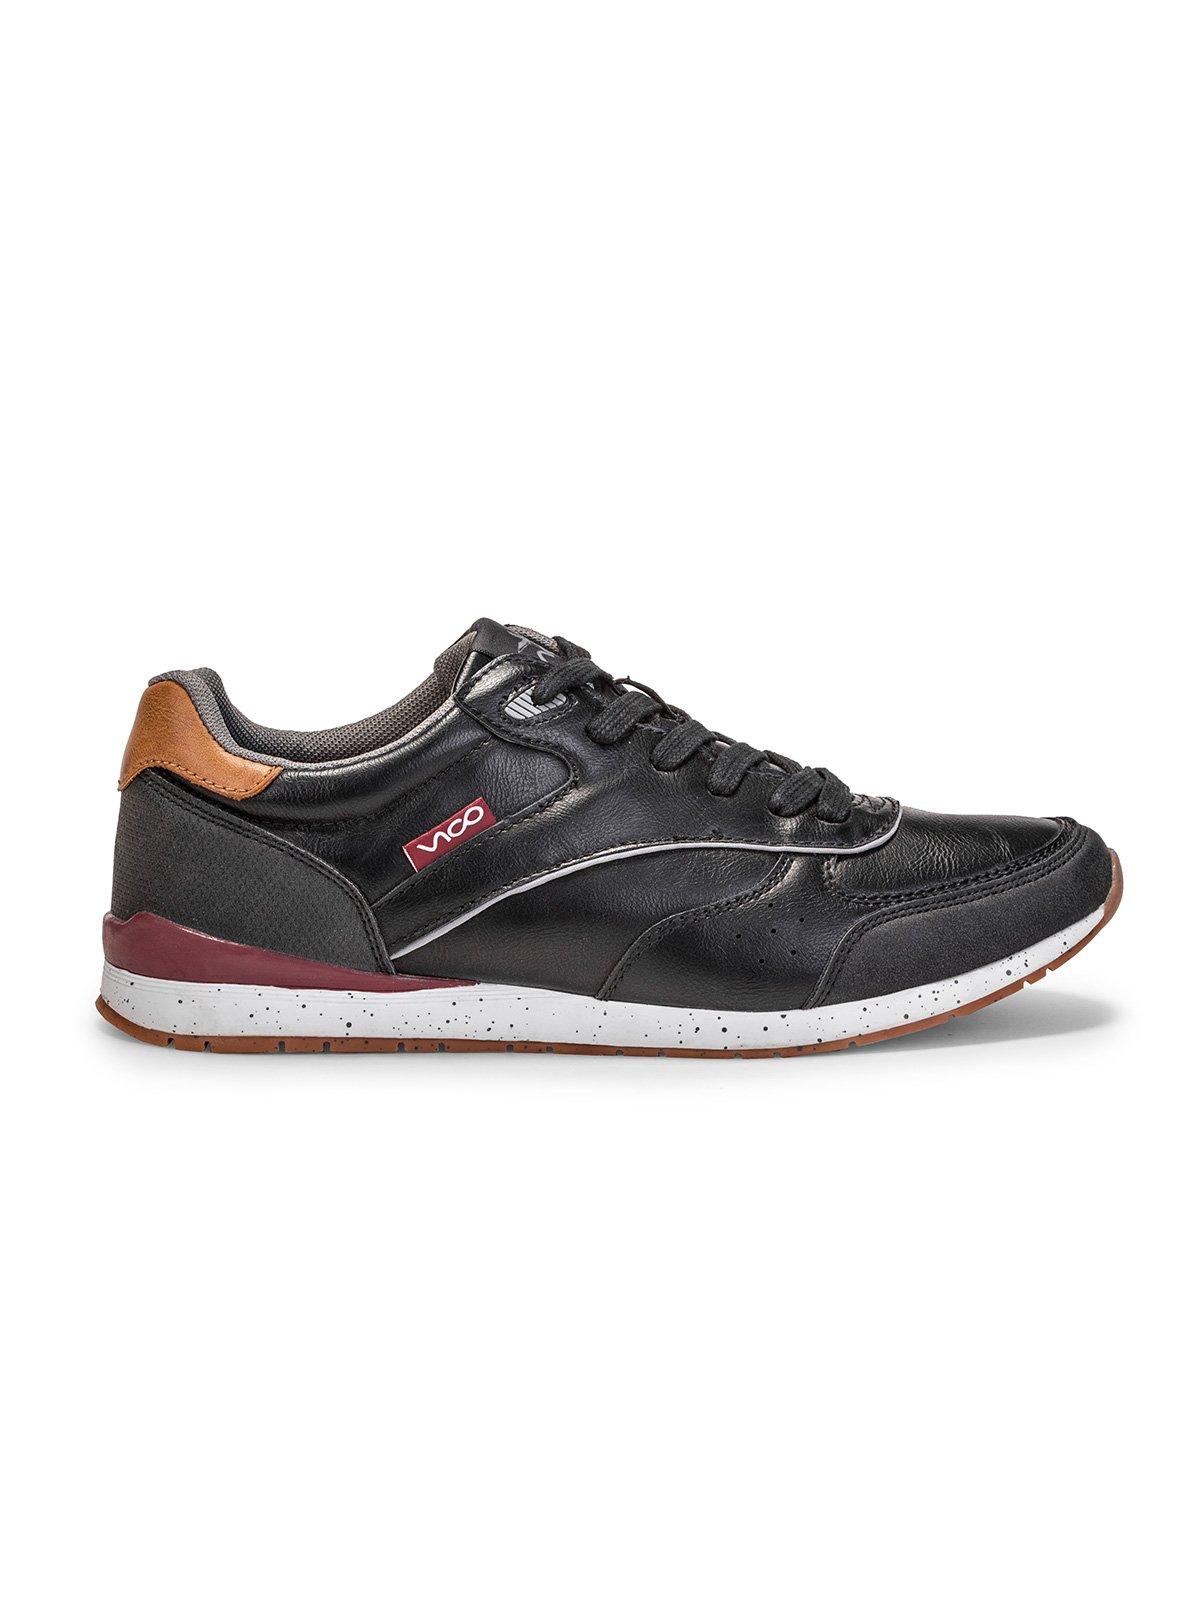 Buty MĘskie Sportowe T197 - Czarne